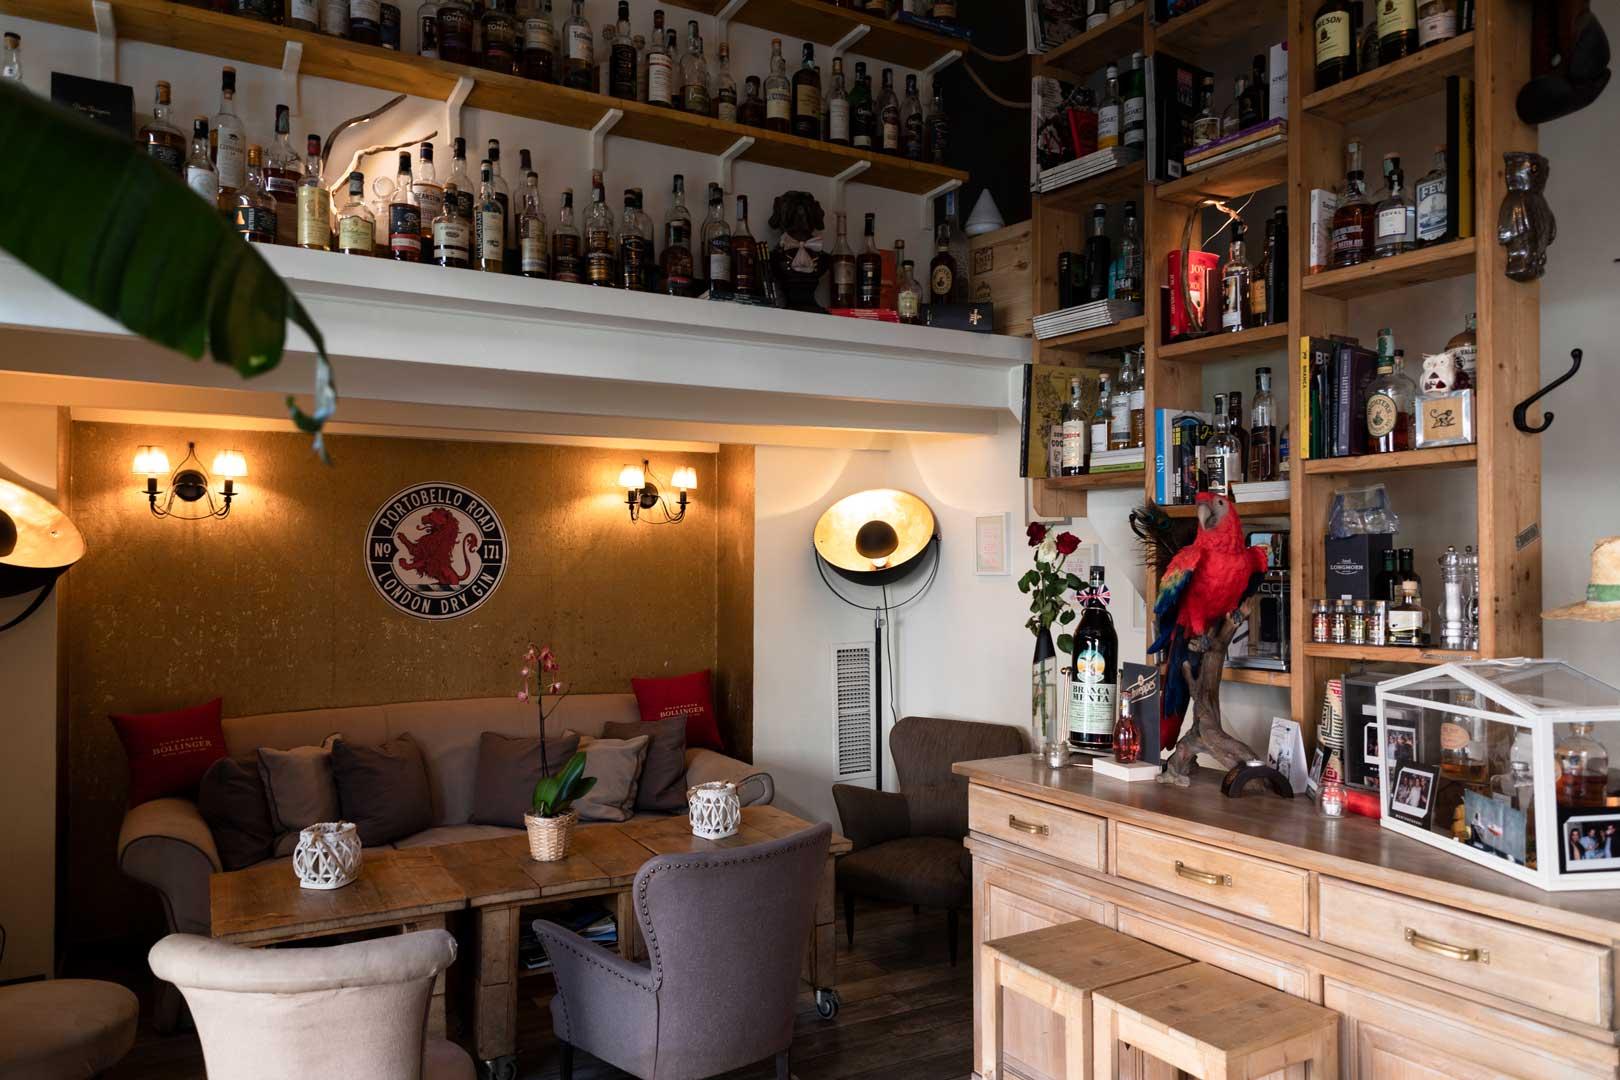 I migliori cocktail bar a tema di Milano - Casa Mia